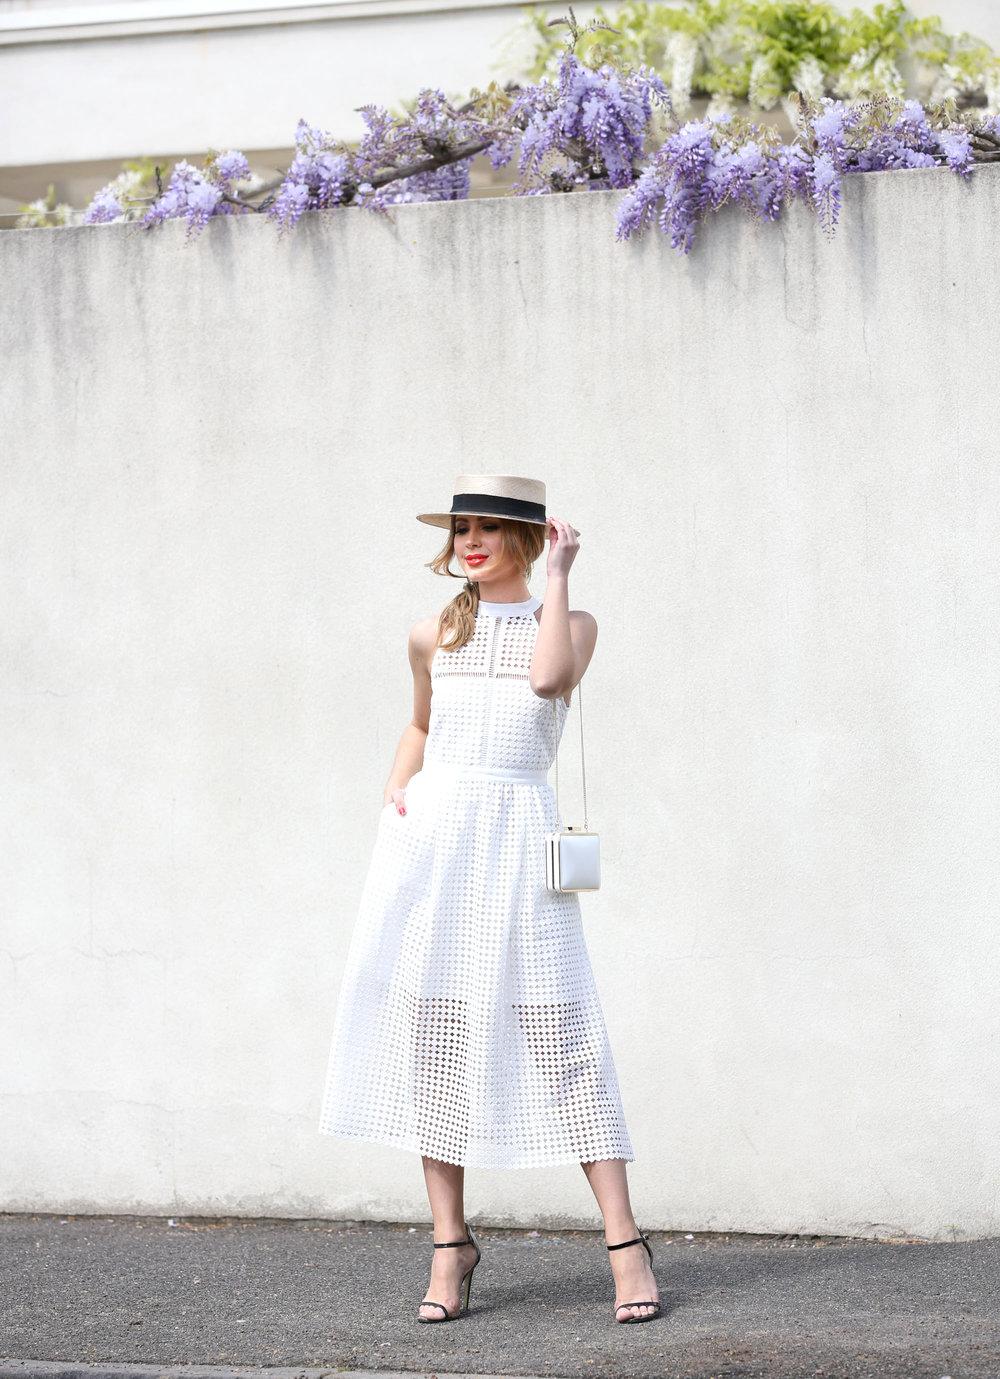 Stakes Day Race Fashion by Jasmin Howell on www.friendinfashion.com.au